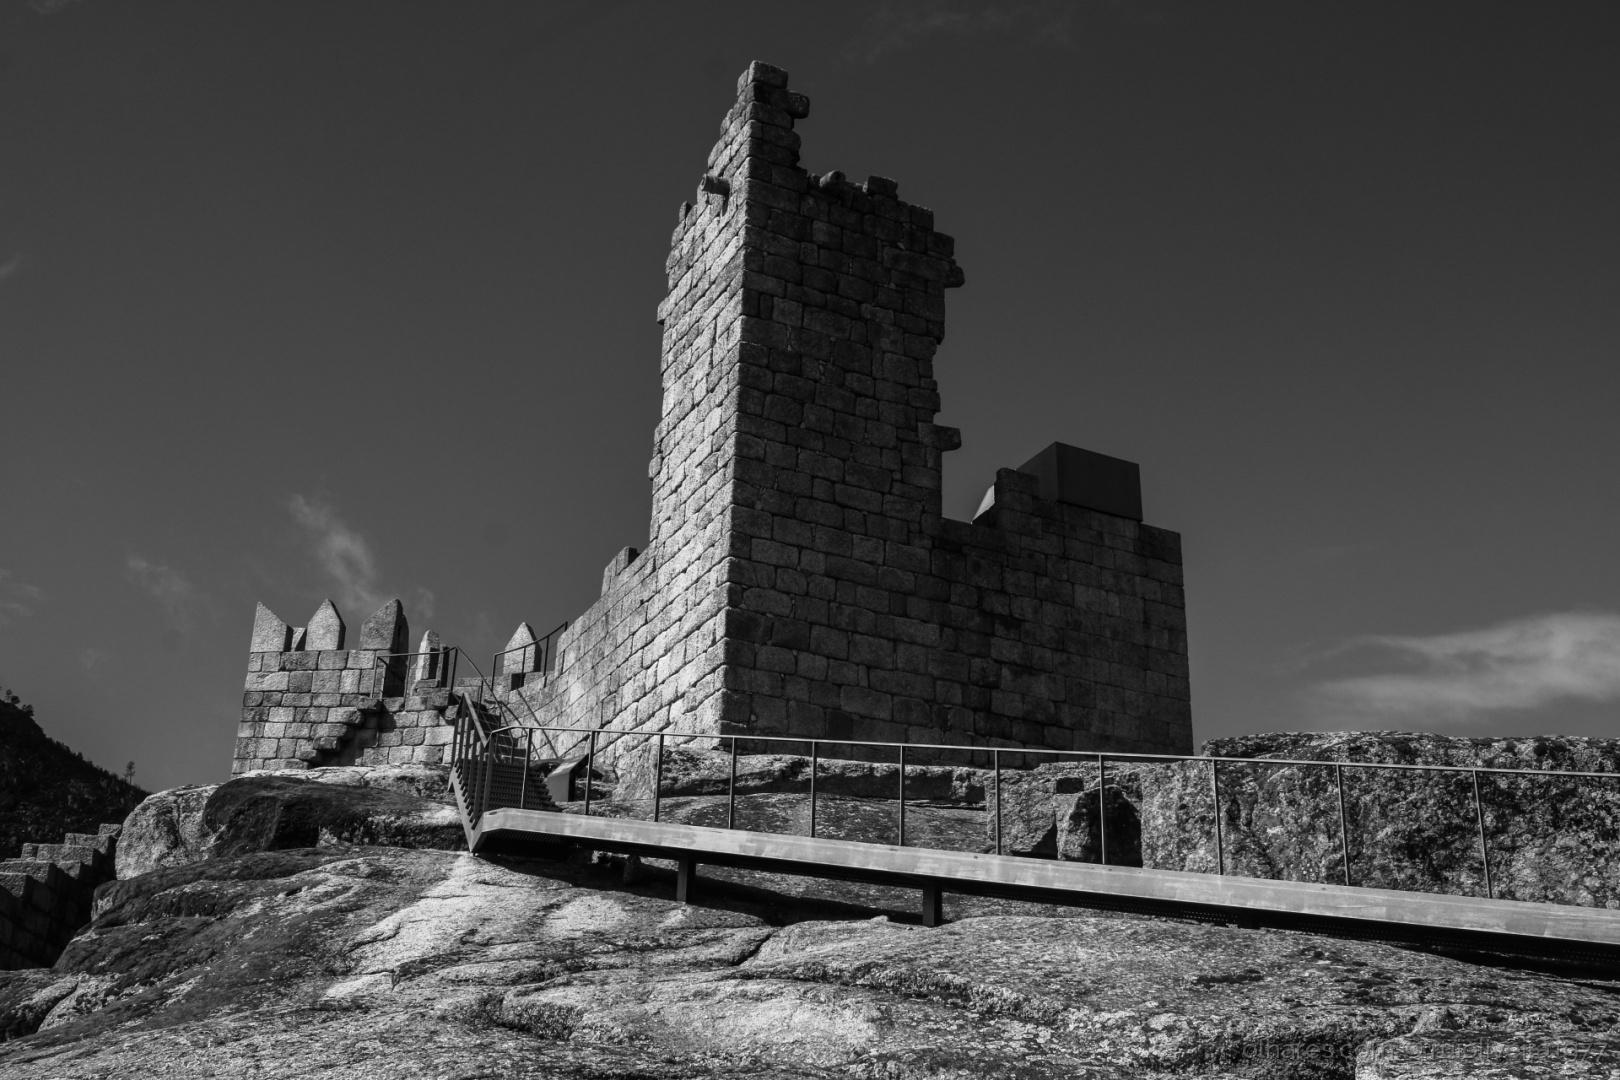 História/Por terras da Beira baixa